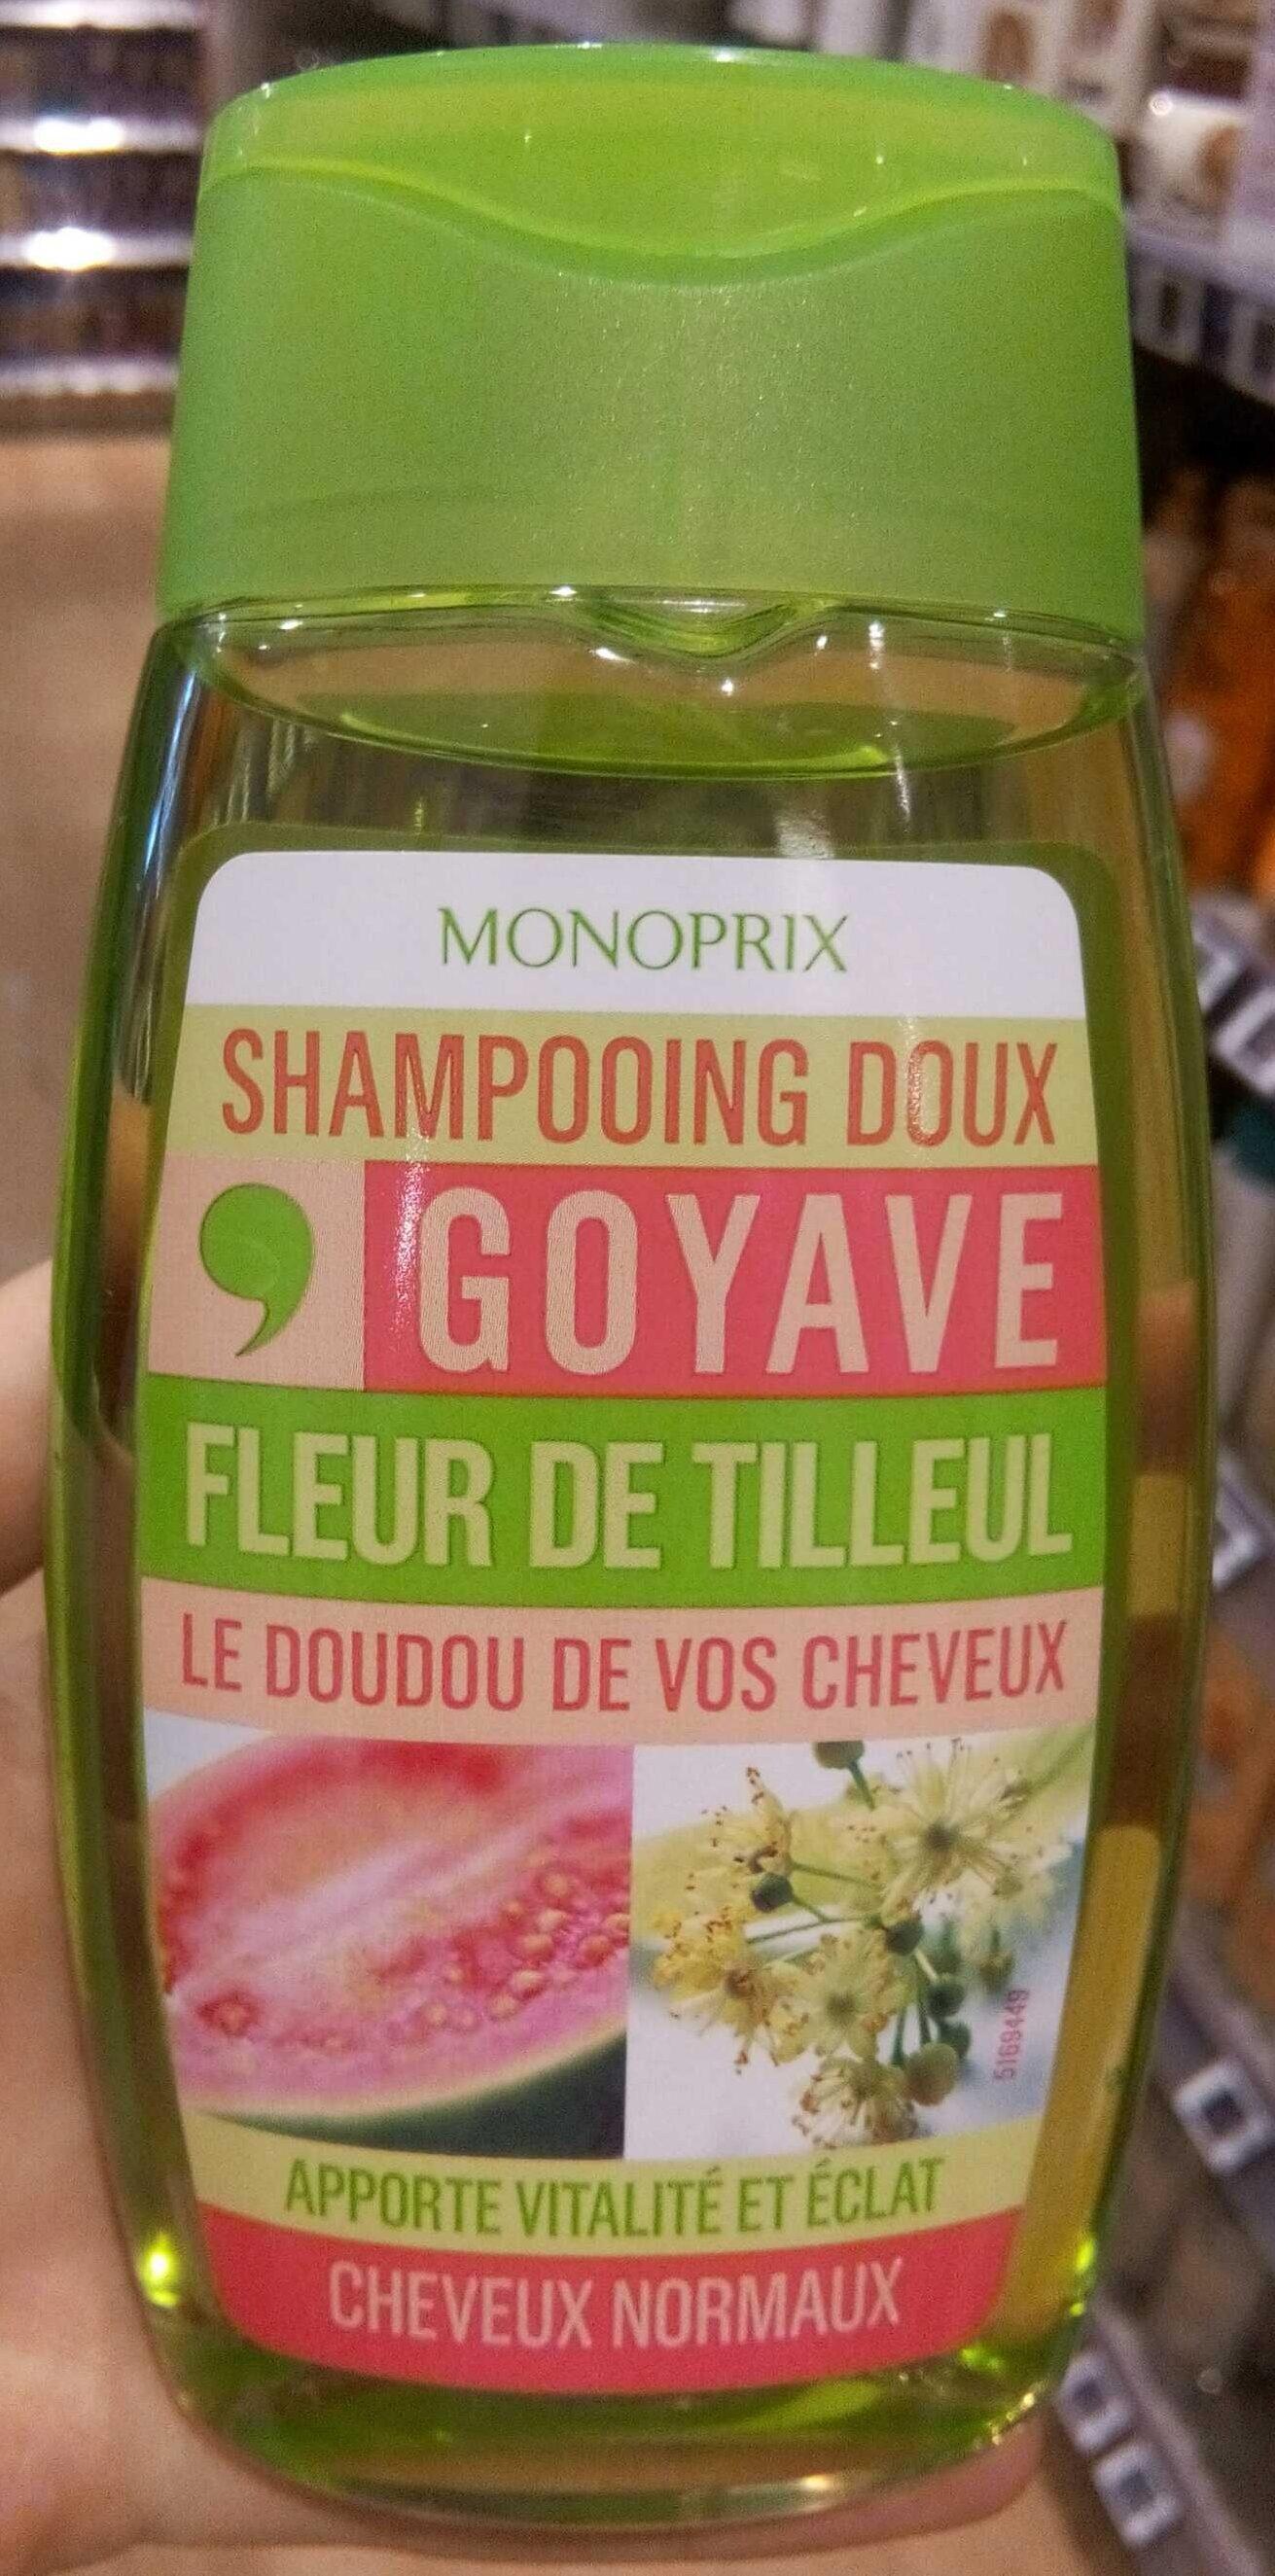 Shampoing doux goyave fleur de tilleul - Produit - fr